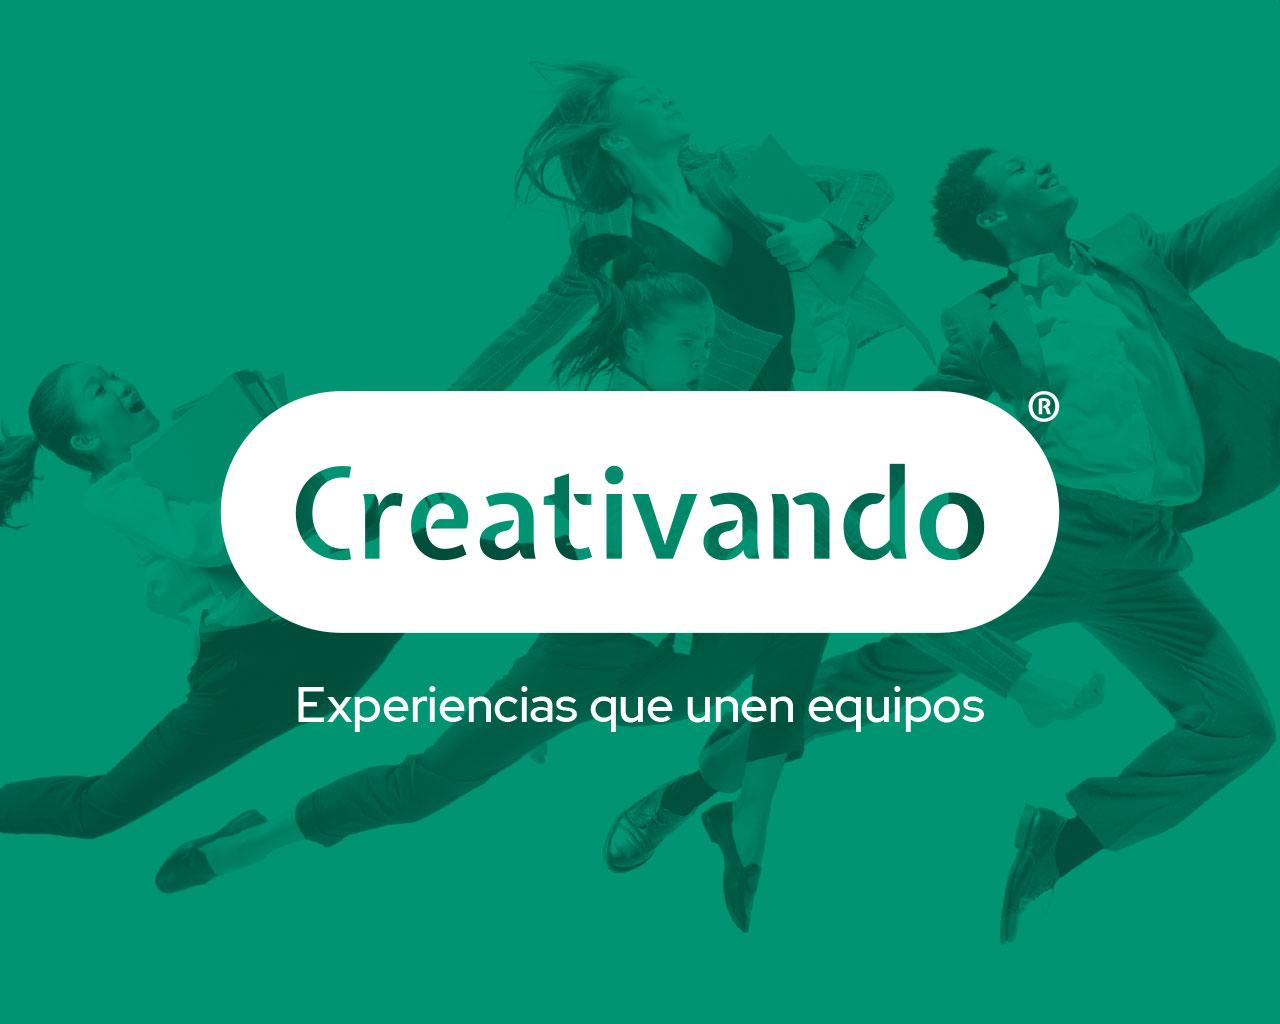 Creativando - Experiencias que unen equipos